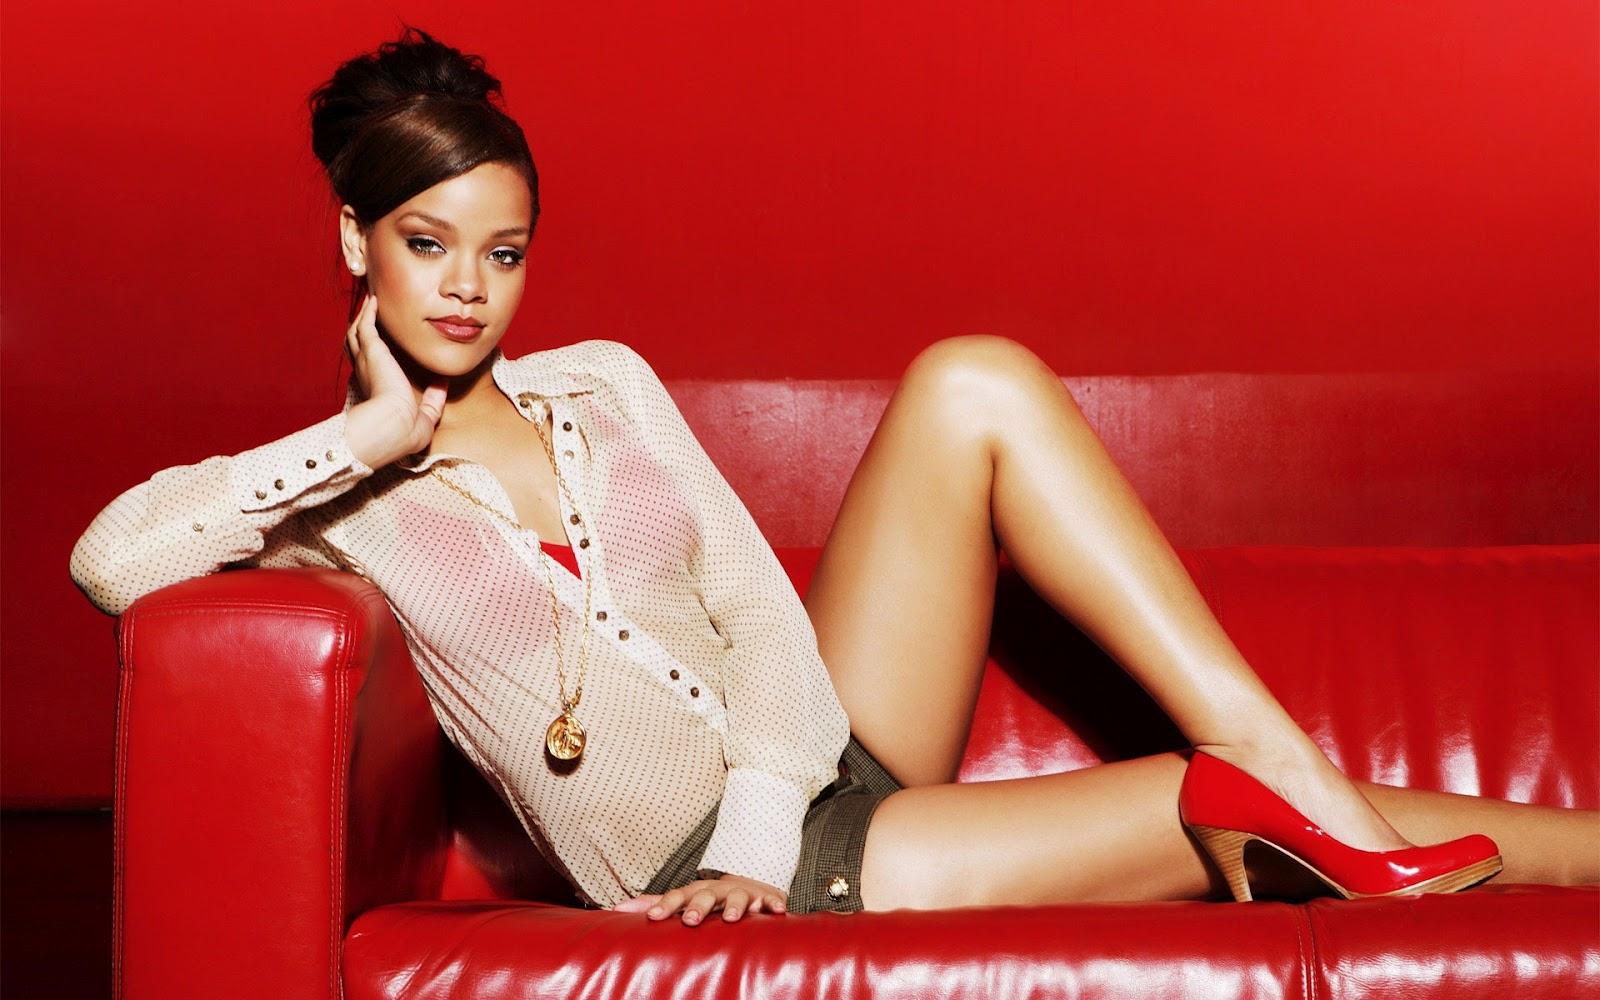 http://1.bp.blogspot.com/-T56jXppSOlc/T6at8M8AGWI/AAAAAAAAC1s/JrD_J0qJbP4/s1600/Rihanna+new+pic+2012+05.jpg